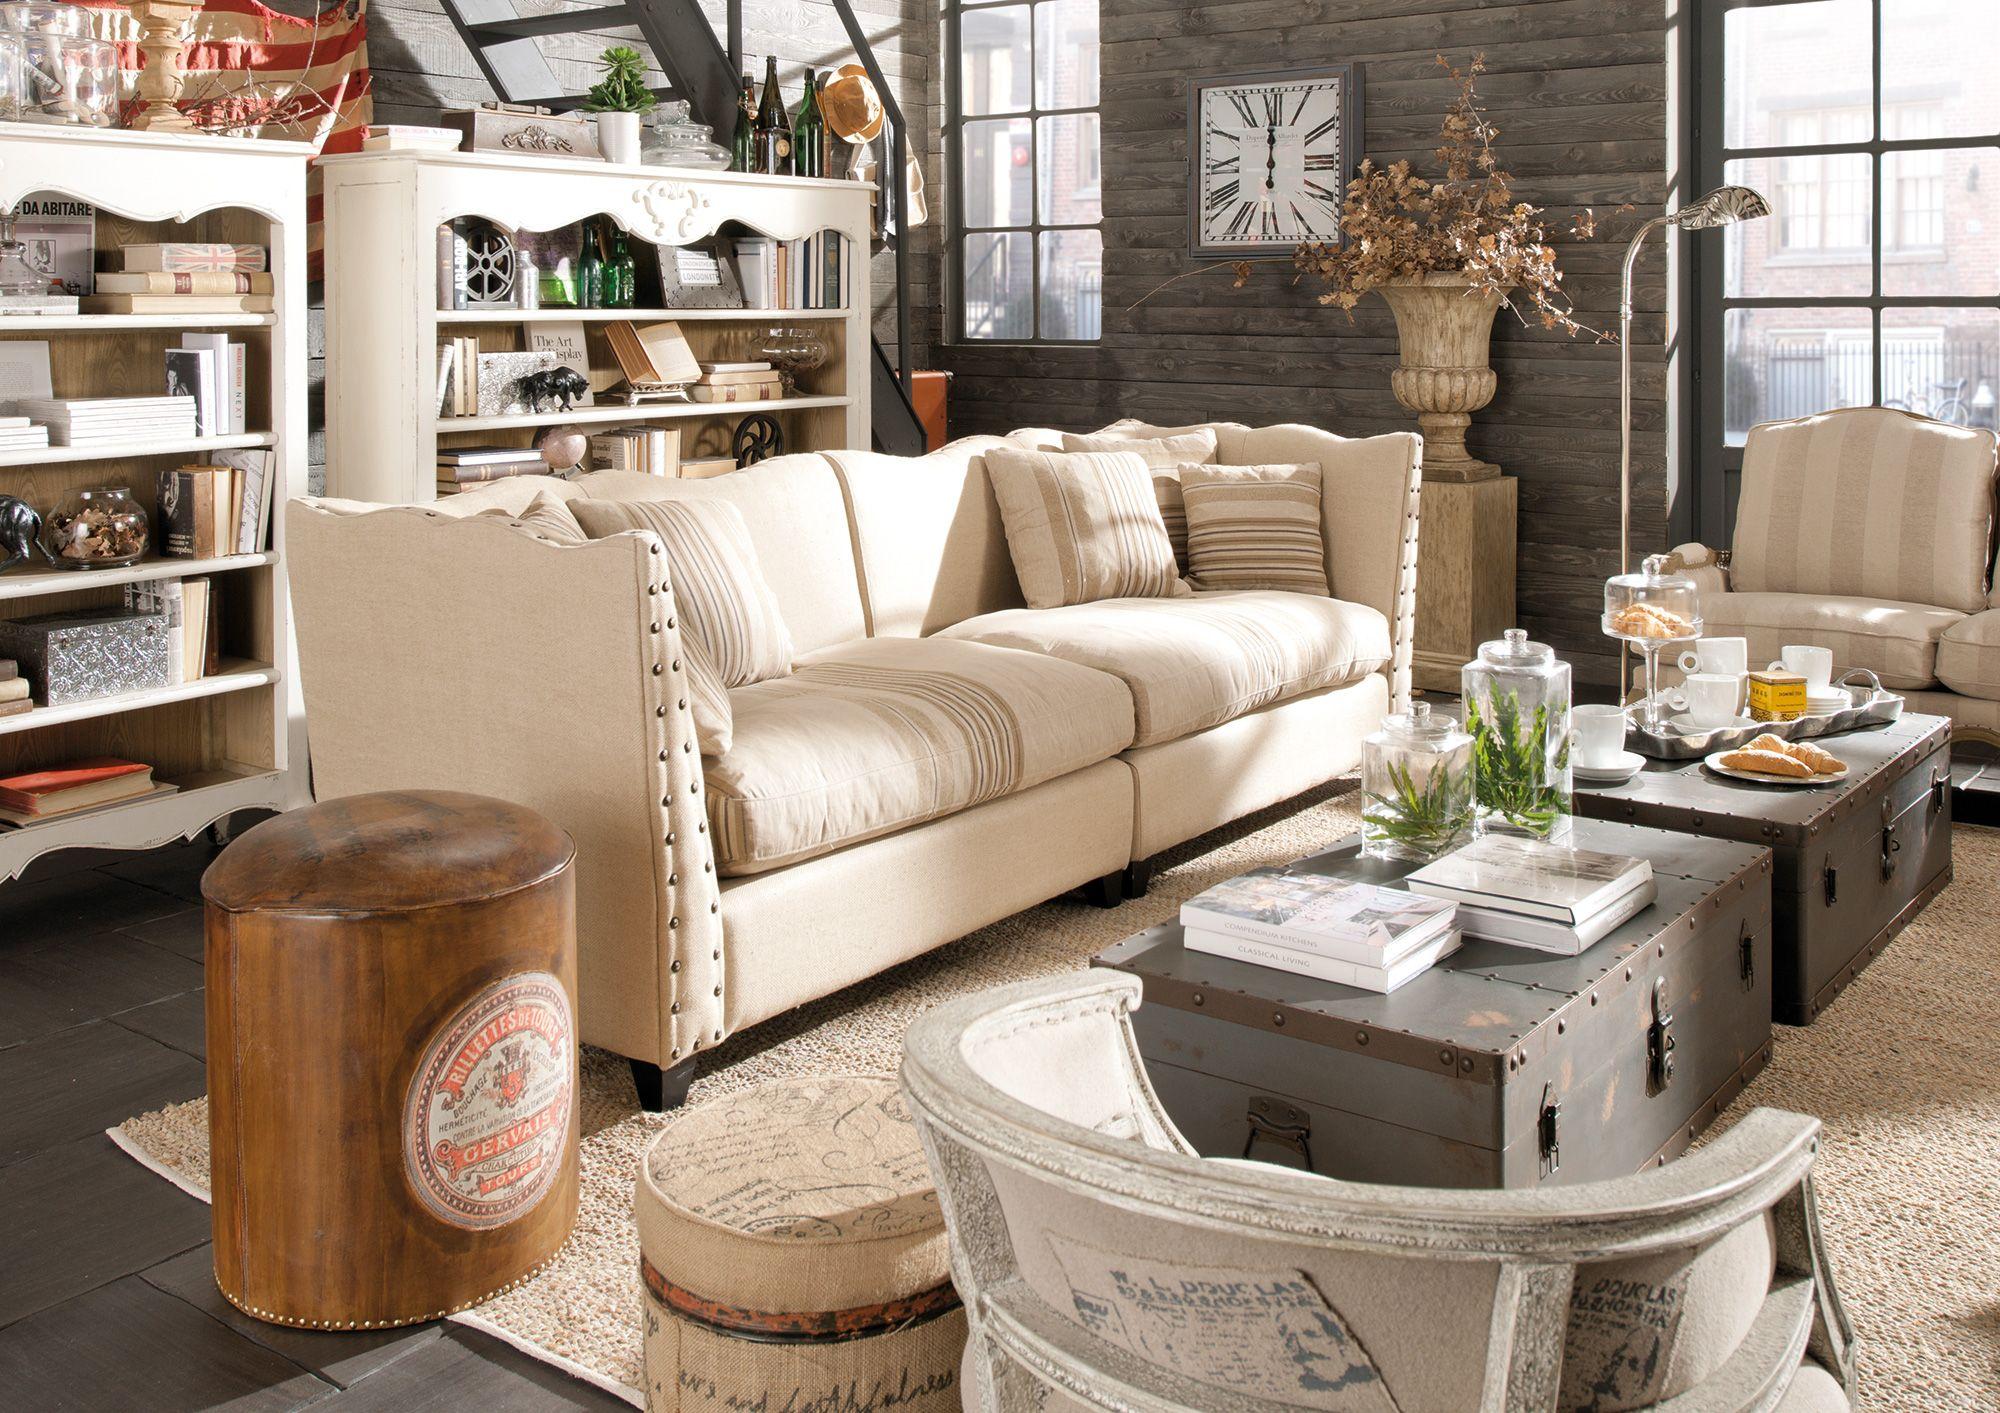 arredamento country, vintage, industrial, loft, urban, shabby chic ... - Arredamento Country Chic Online